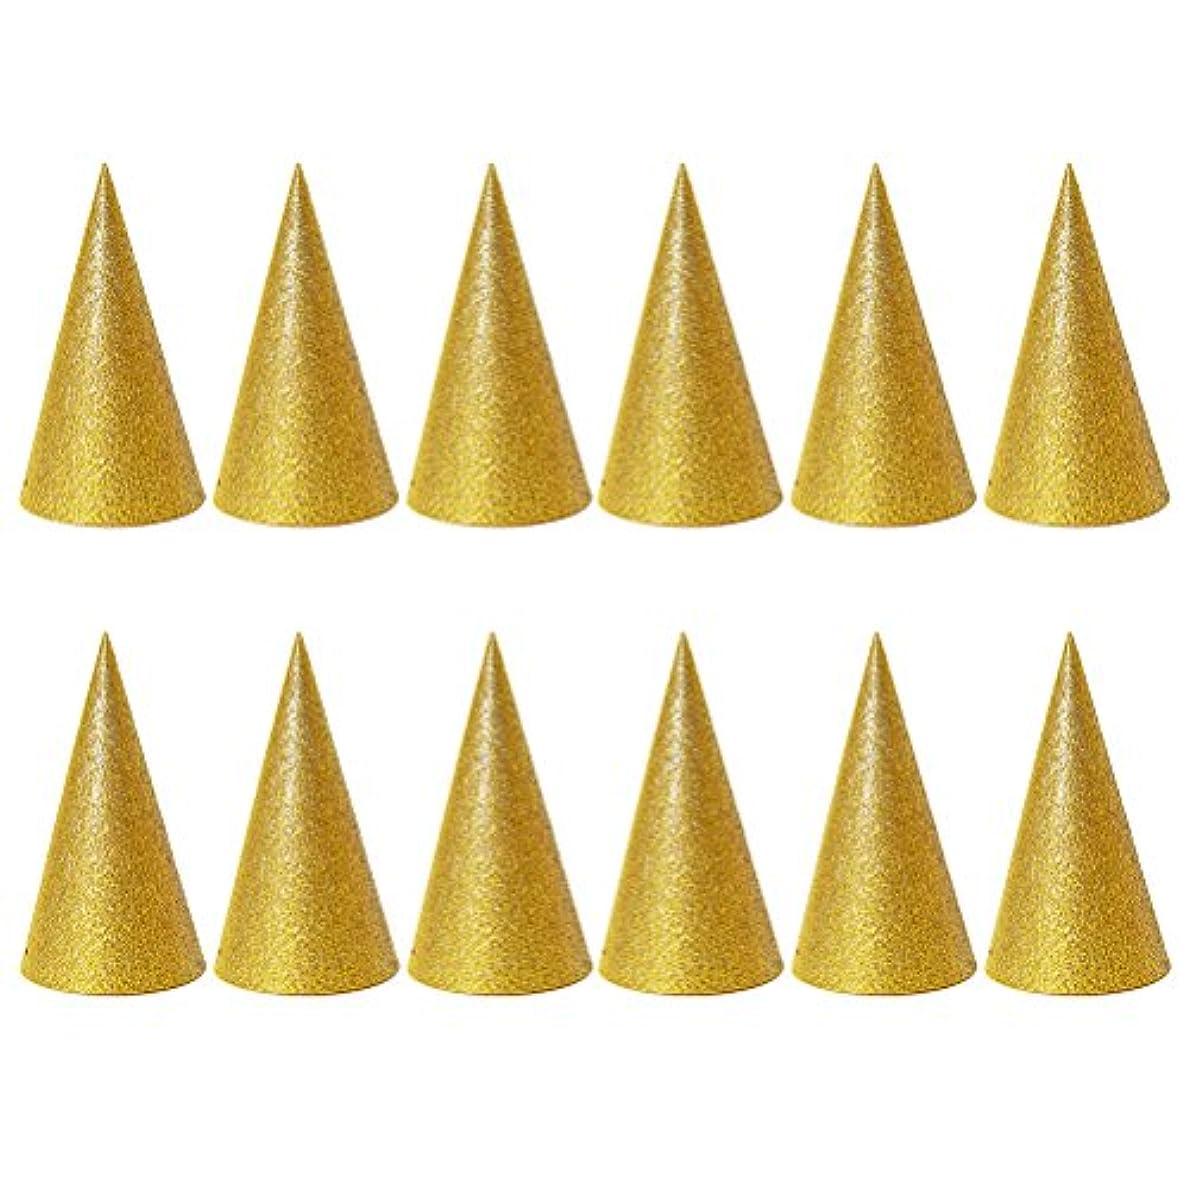 進む東簡単にSUPVOX 子供と大人のパーティーのための12個のキラキラコーンパーティー帽子トライアングルバースデー帽子は装飾を飾ります(ゴールデン)